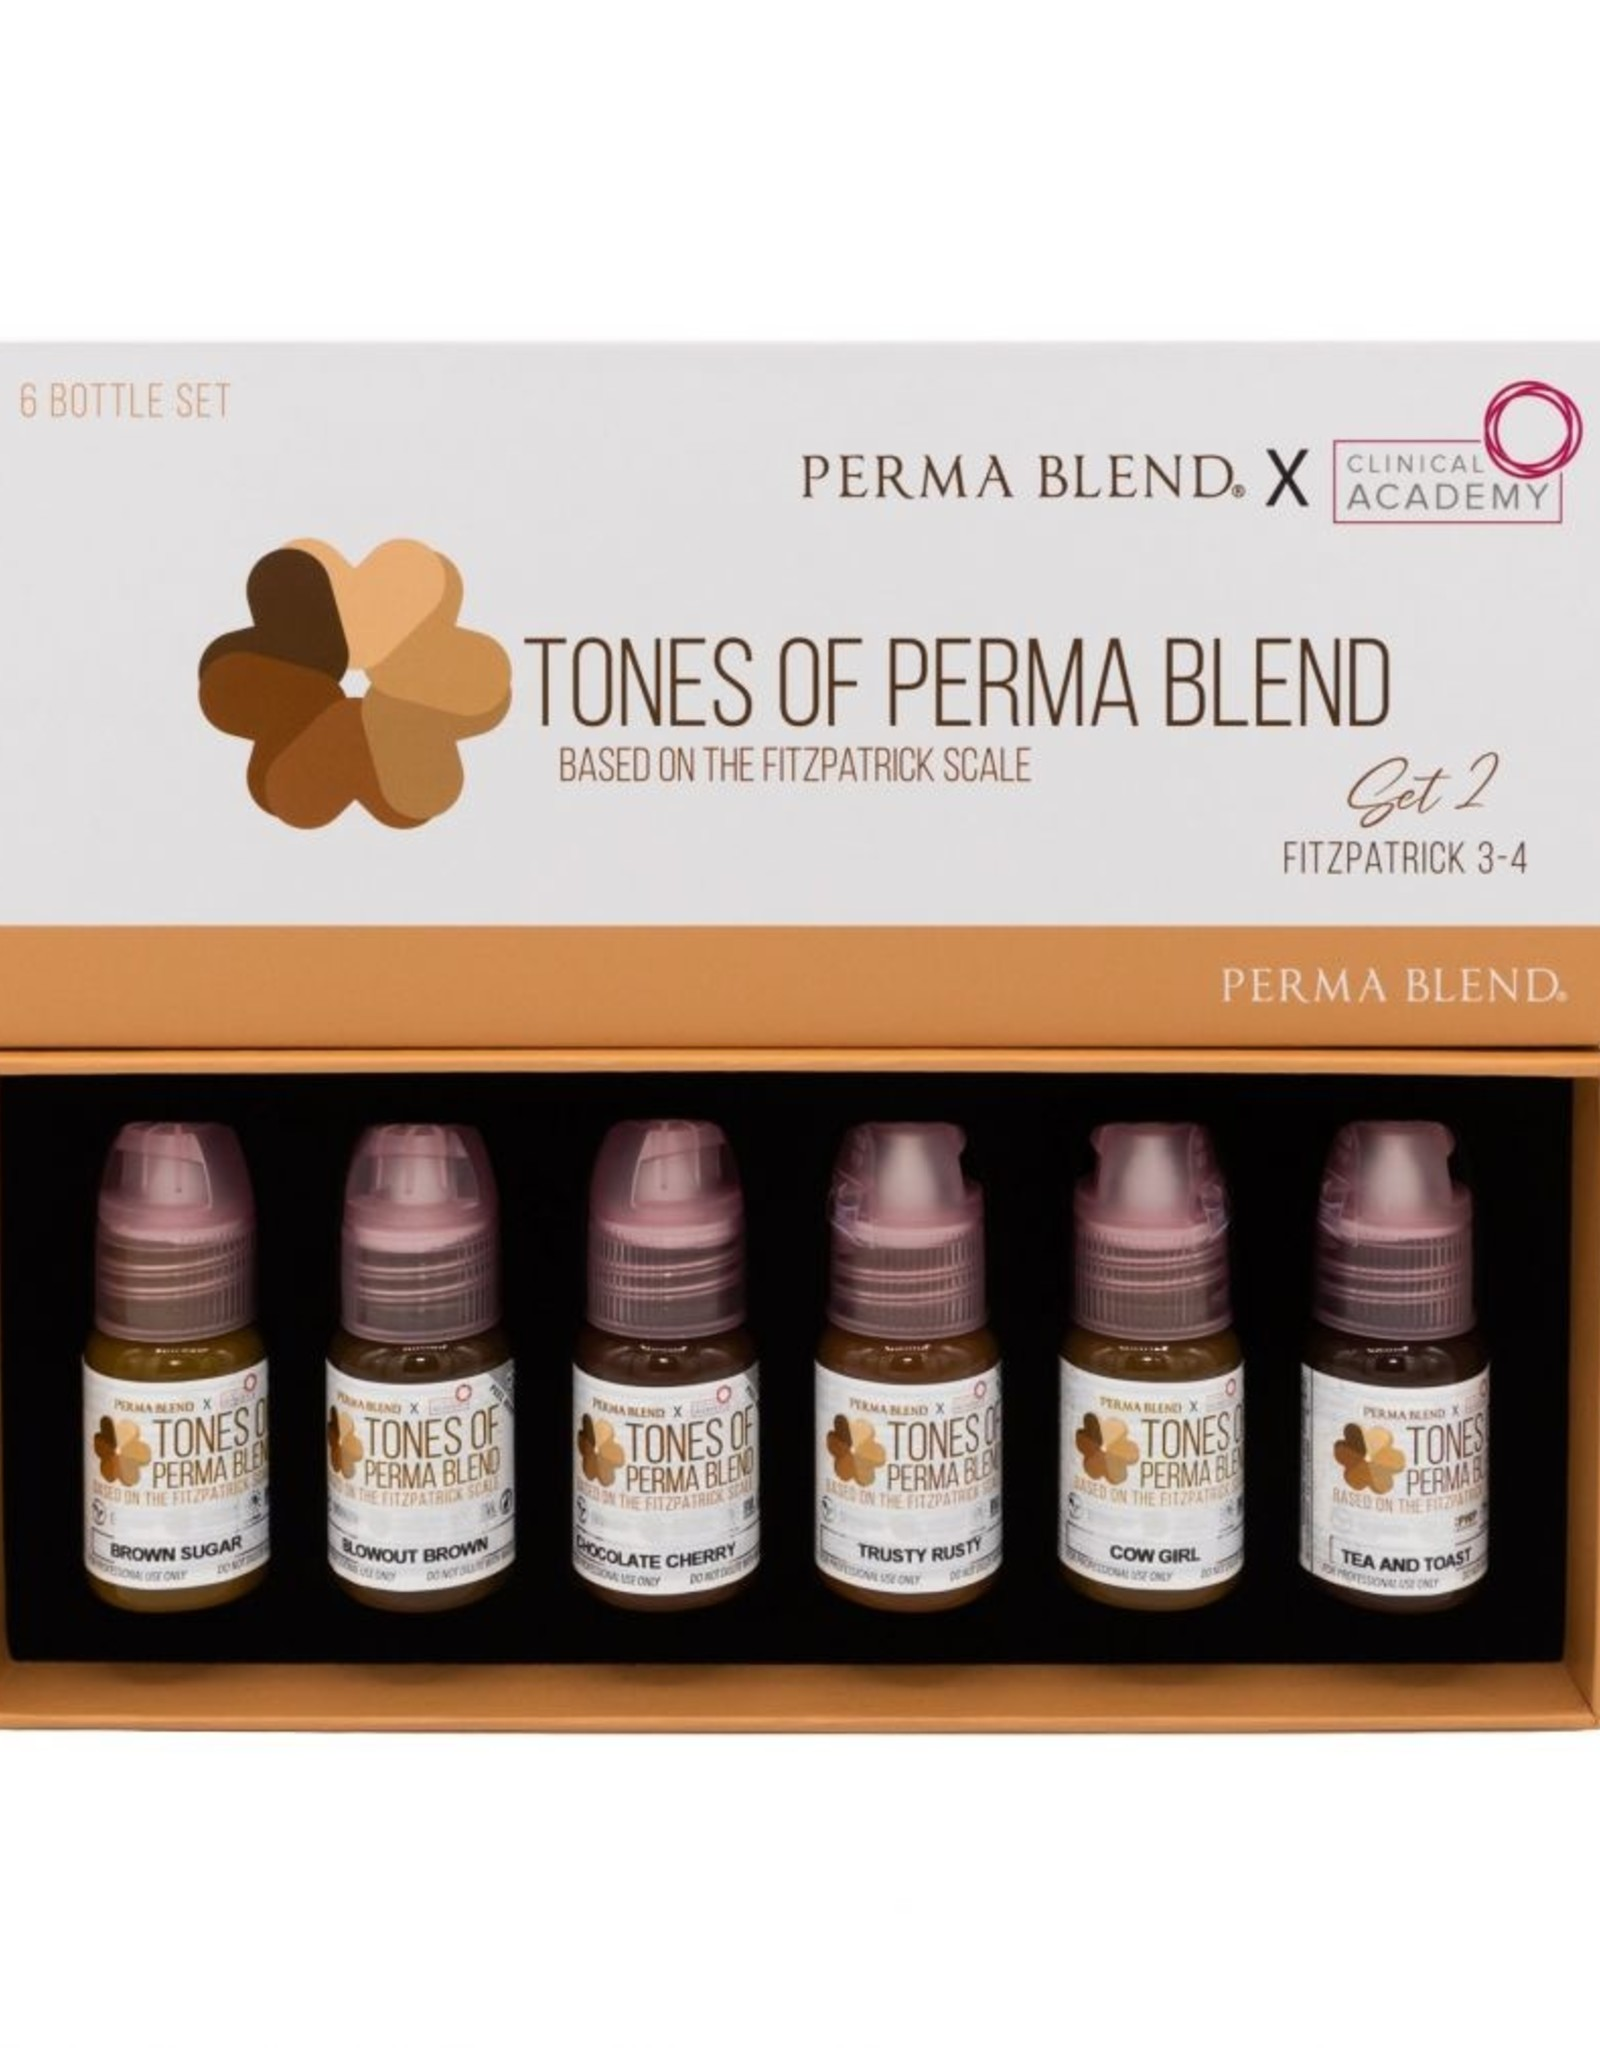 Tones of Perma Blend Set 2 (Fitzpatrick 3-4)